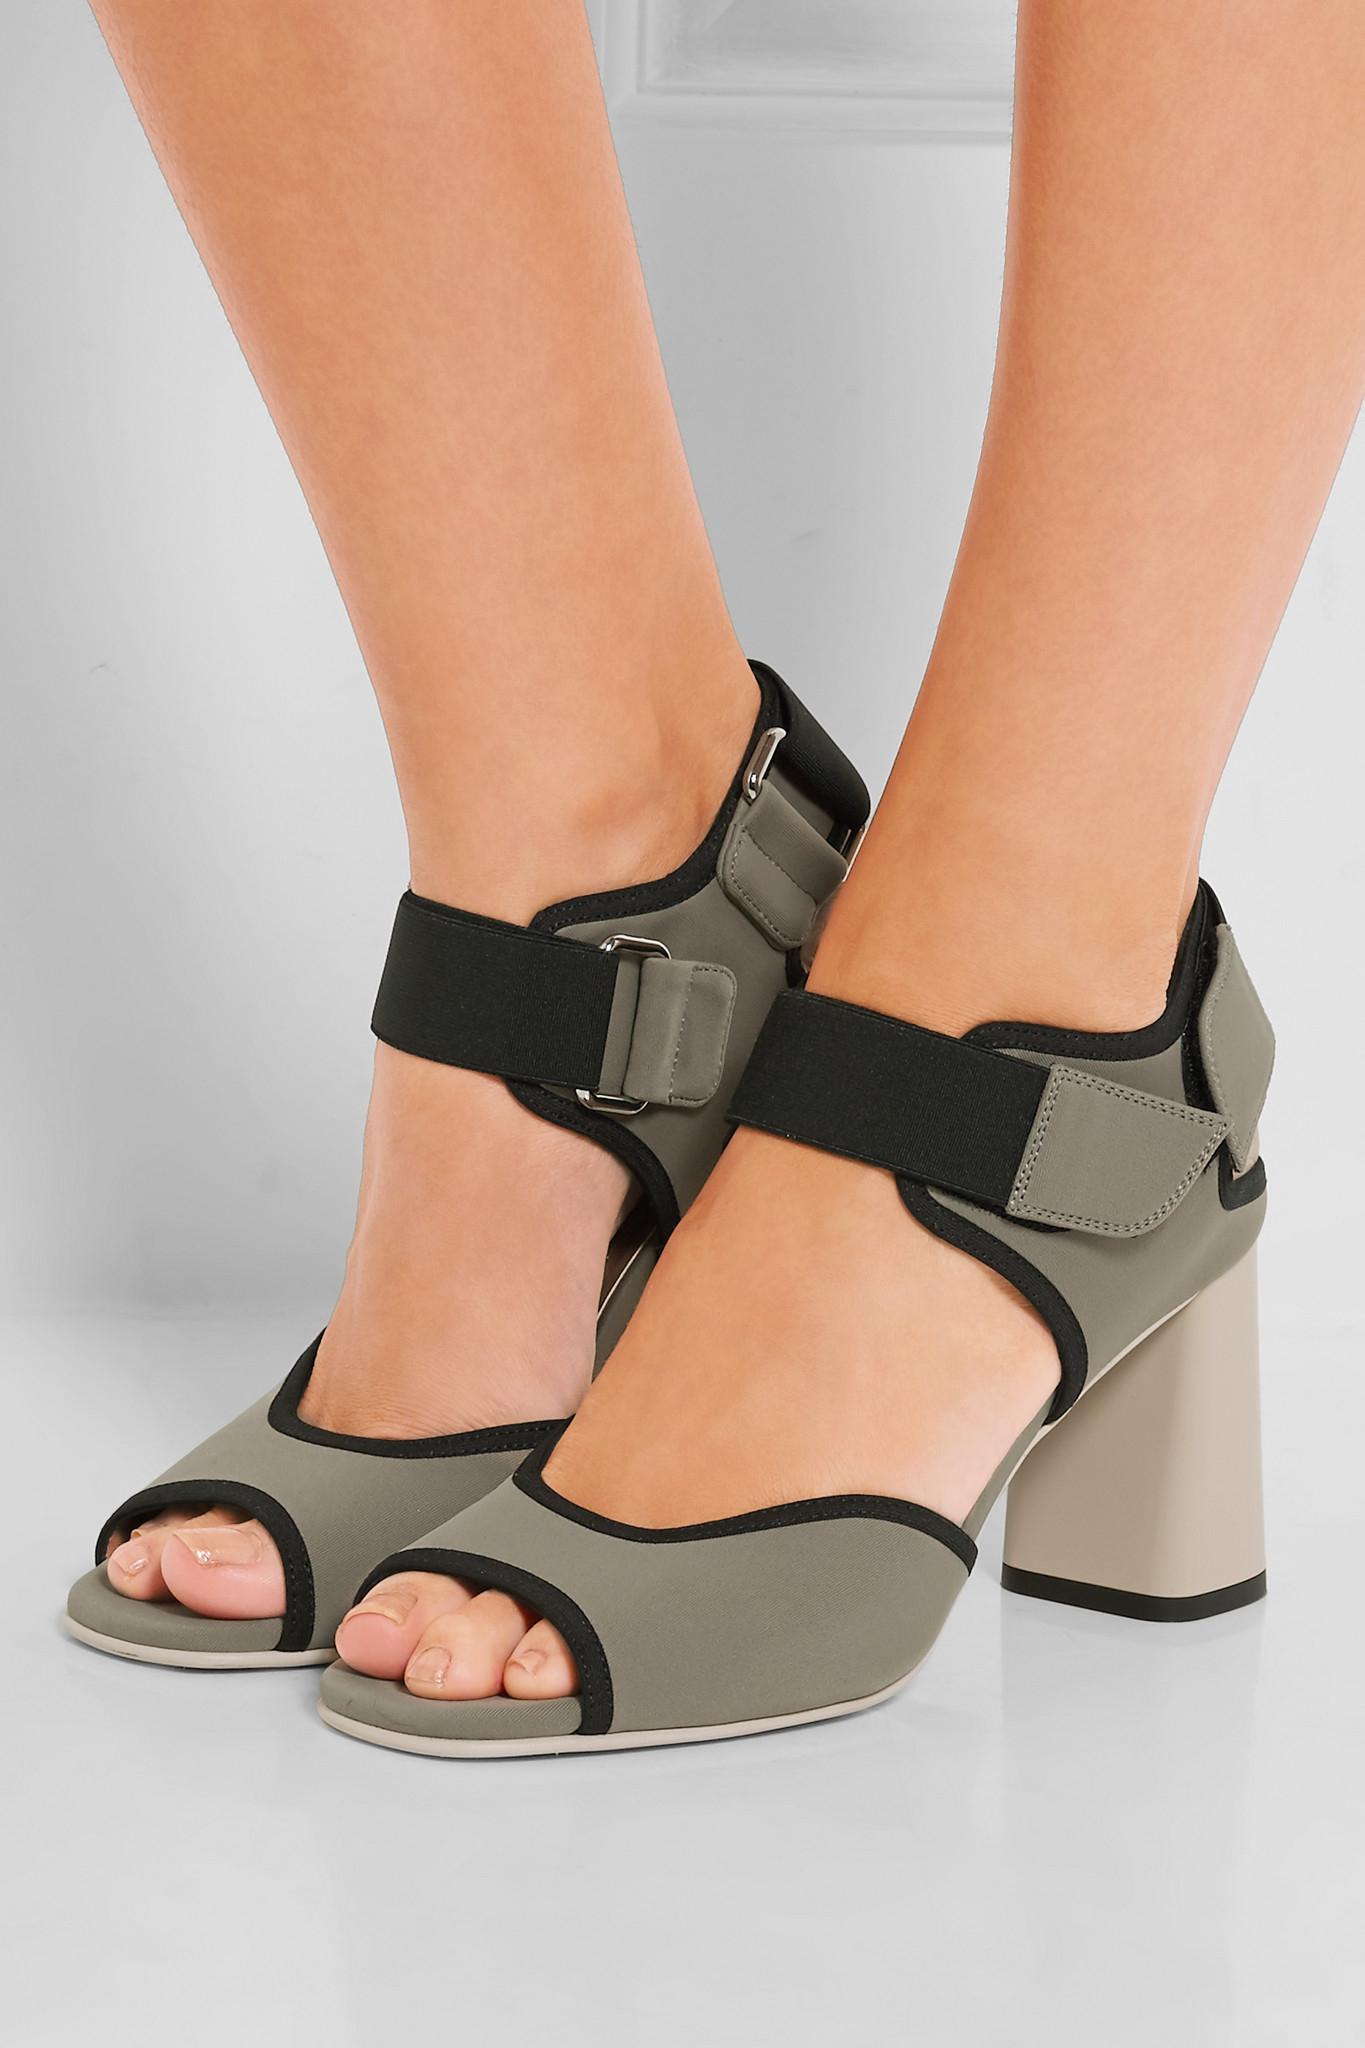 Pierre Ellis Shoes For Women